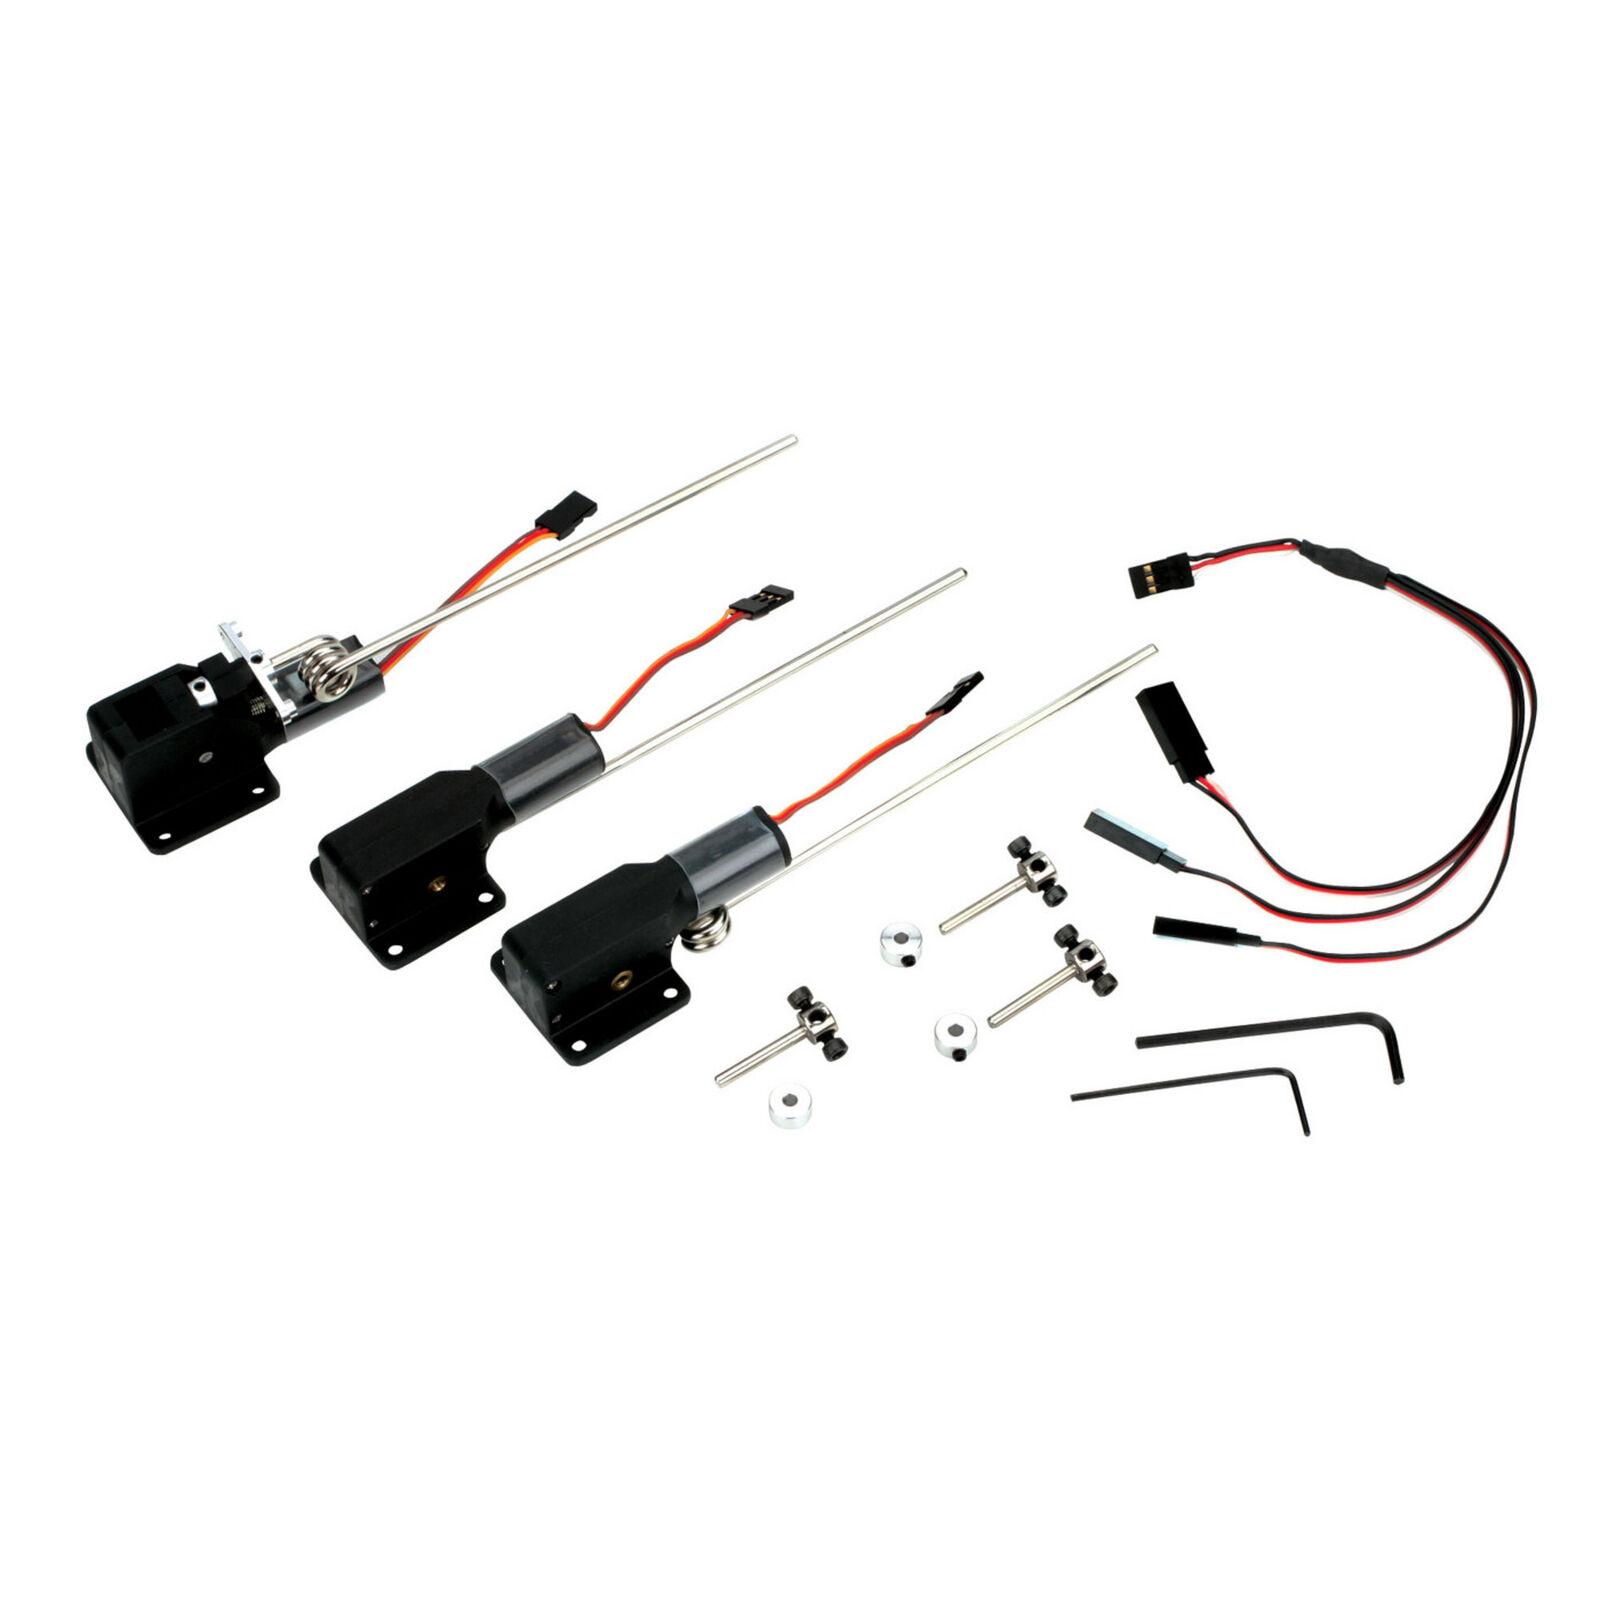 E-flite 15-25 elektr. Dreibeiniges Einziehfahrwerk